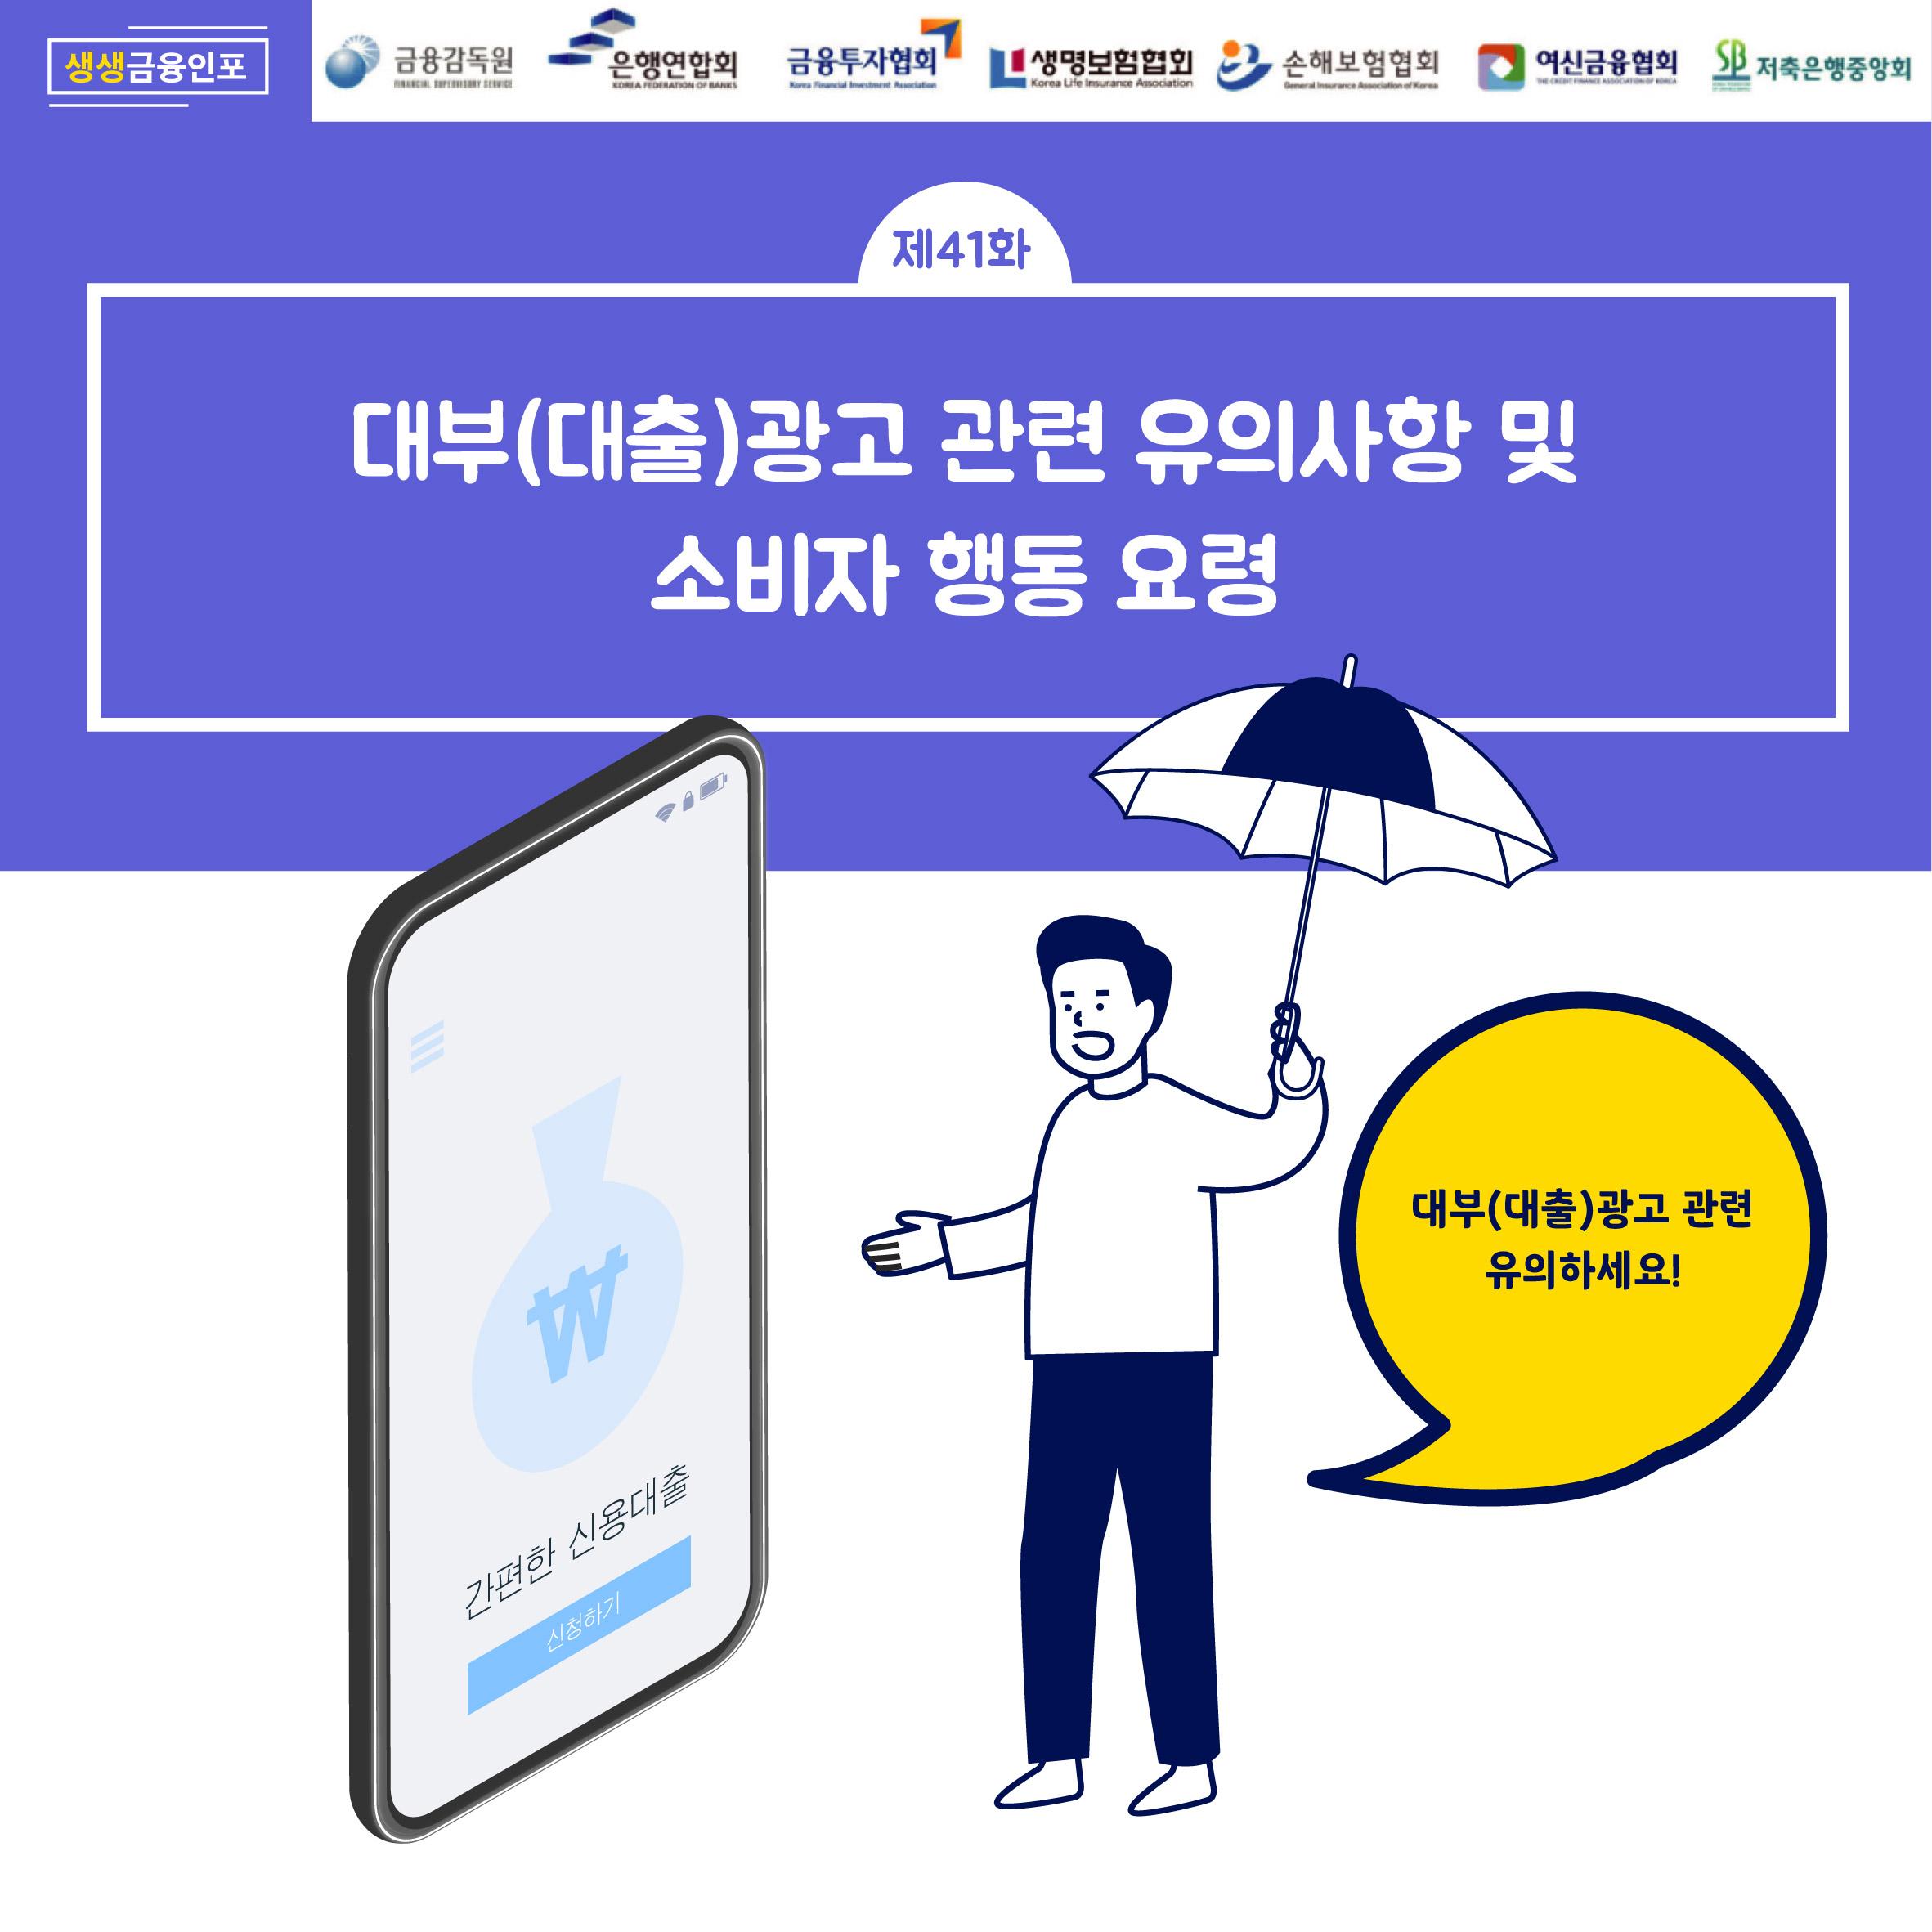 대부(대출)광고 관련 유의사항 및 소비자 행동 요령